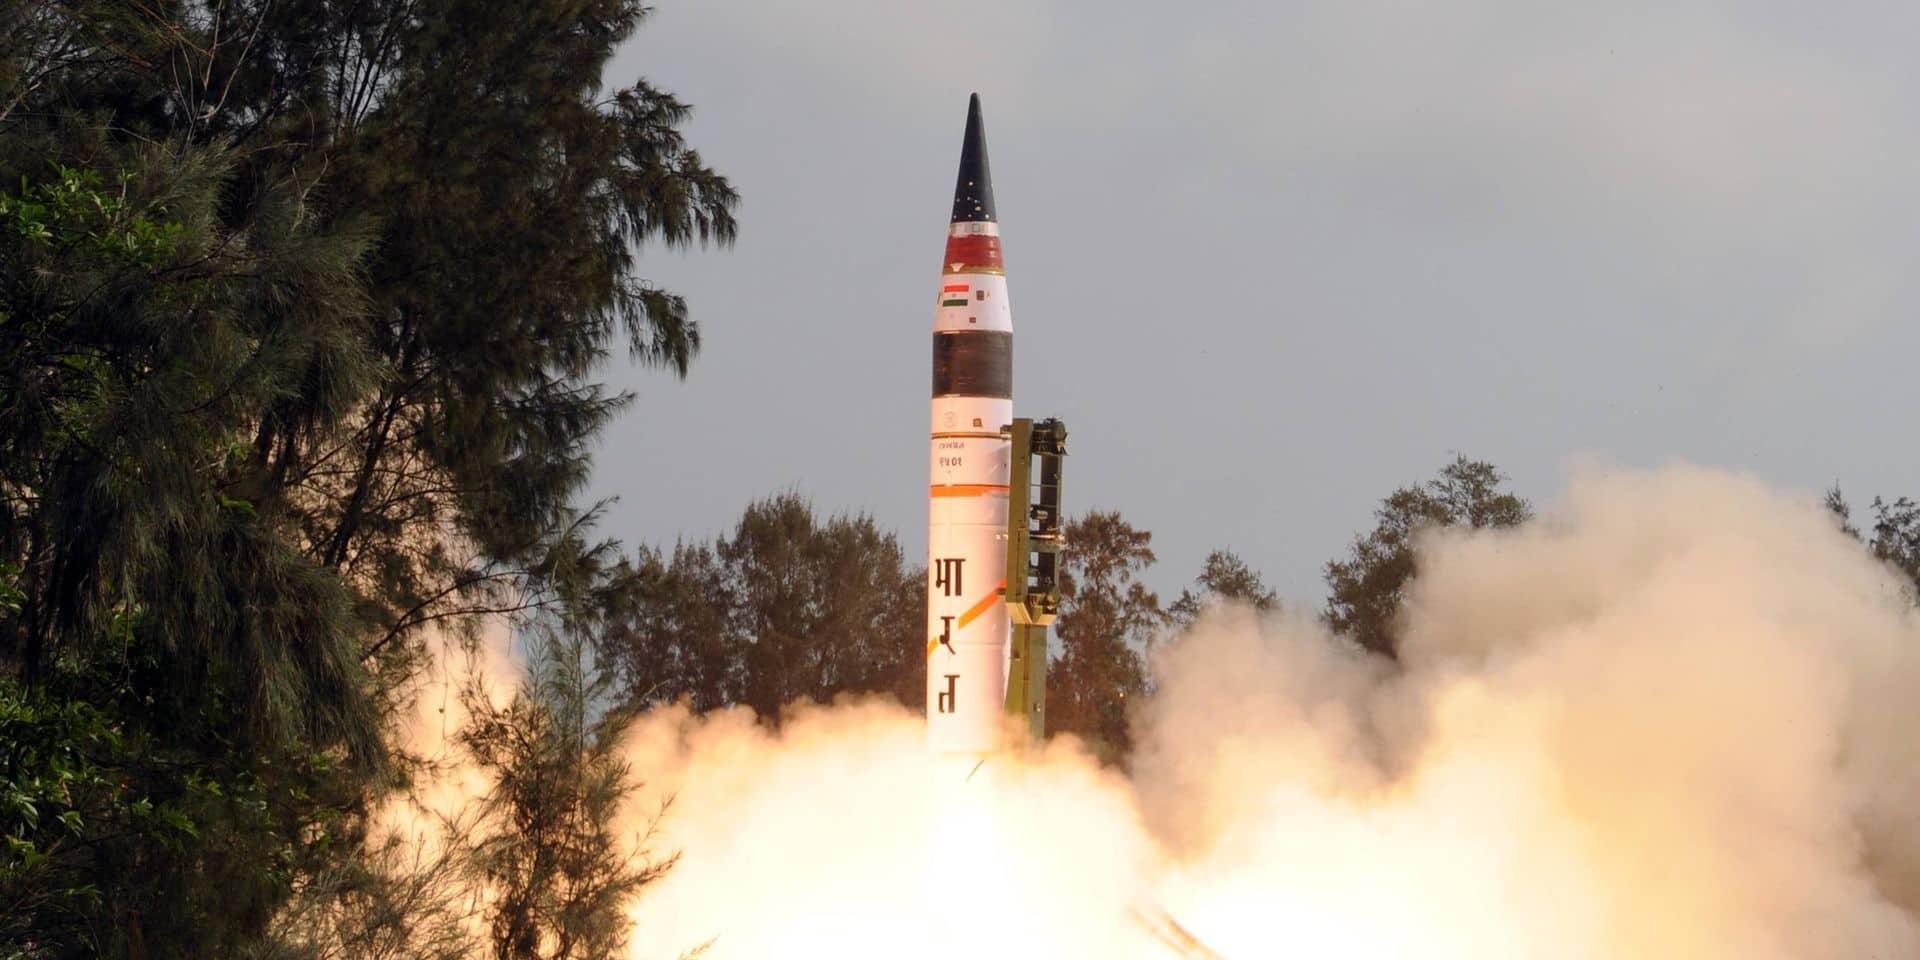 """Vingt ans après leurs essais nucléaires, """"la situation reste instable et incertaine"""" entre l'Inde et le Pakistan"""